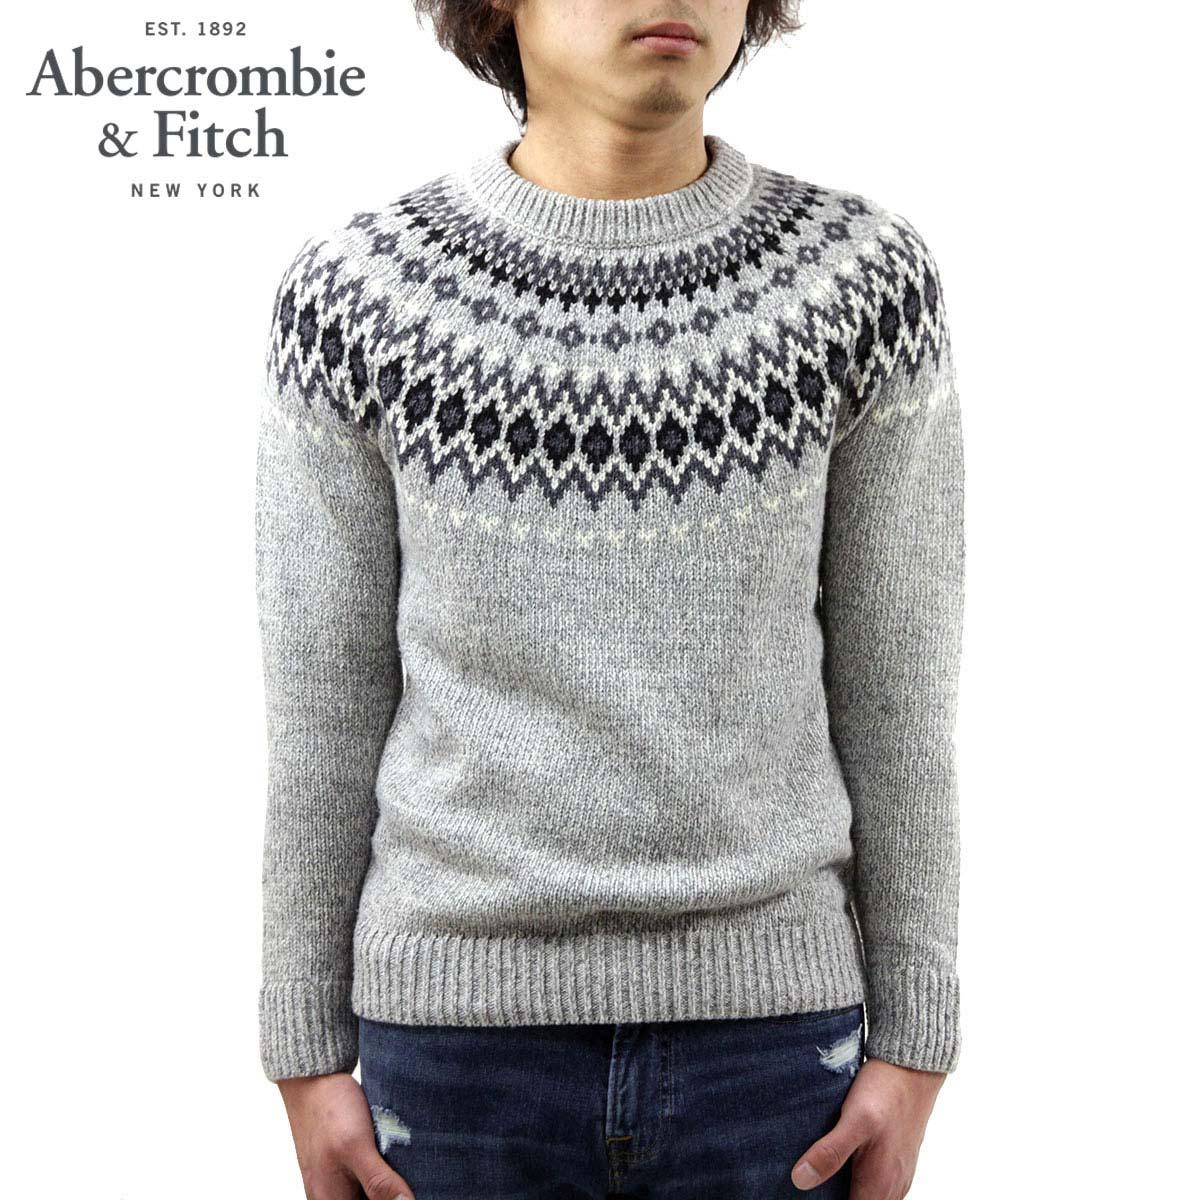 アバクロ セーター メンズ 正規品 Abercrombie&Fitch クルーネックセーター FAIR ISLE CREWNECK SWEATER 120-201-1664-133 A02B B1C C1D D7E E02F